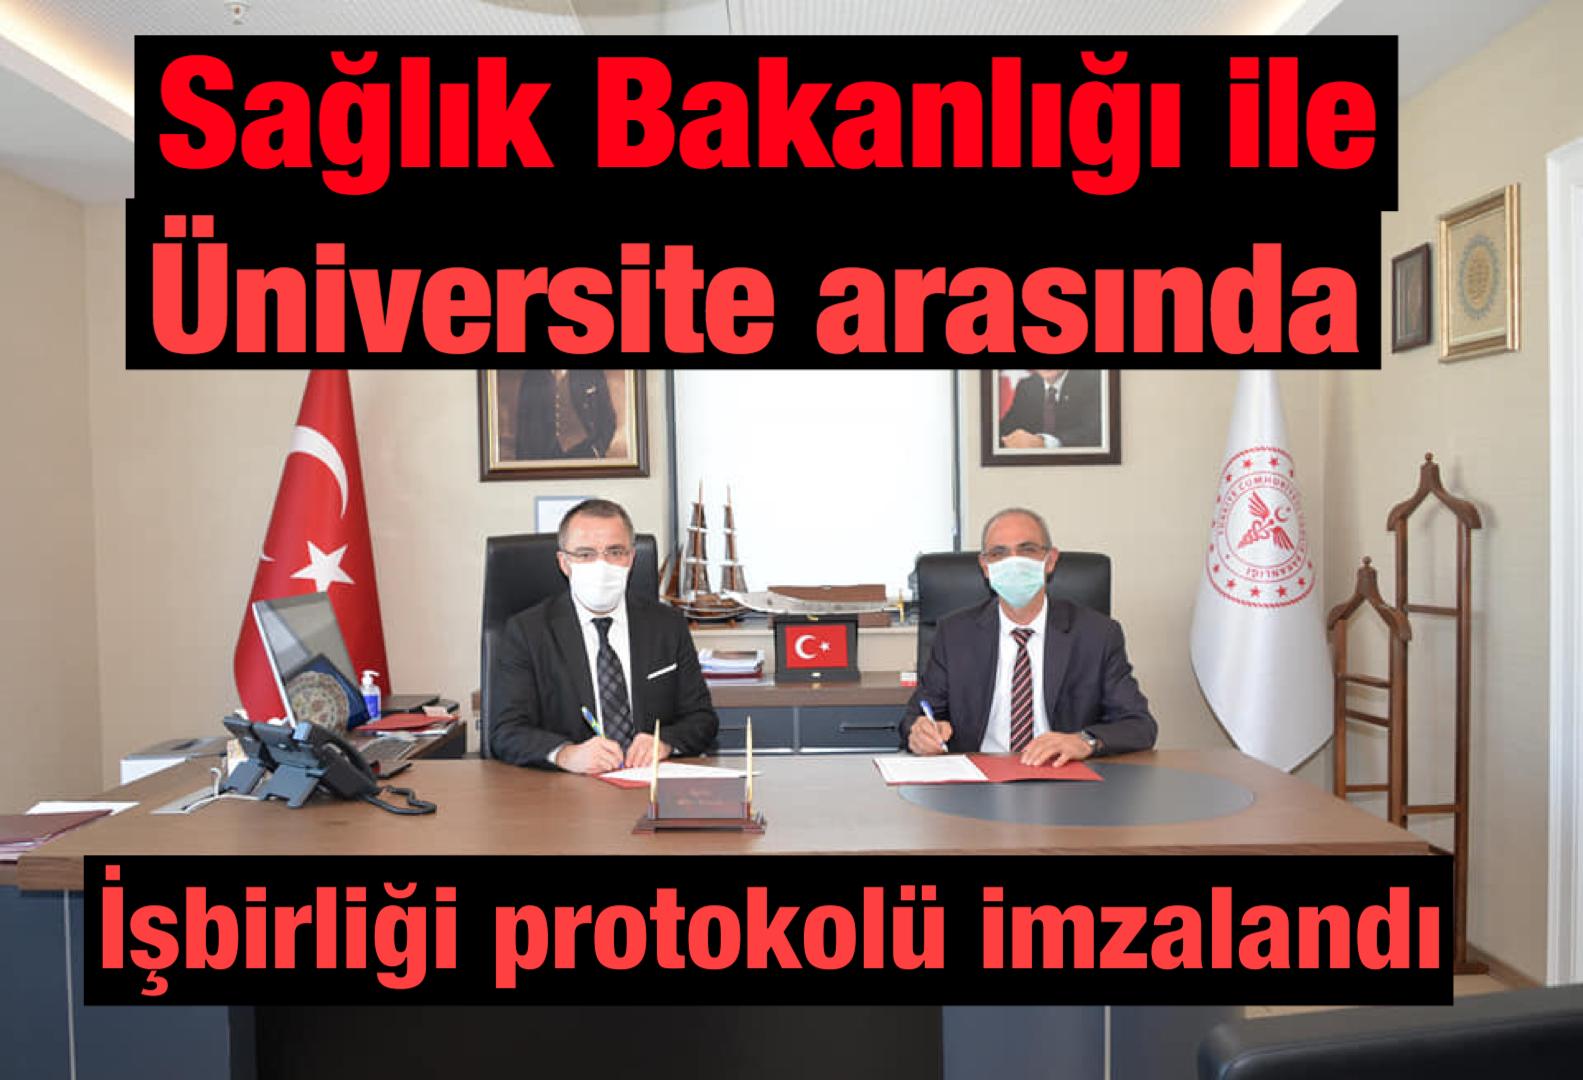 Sağlık Bakanlığı ile Üniversite İş Birliği Protokolü İmzaladı